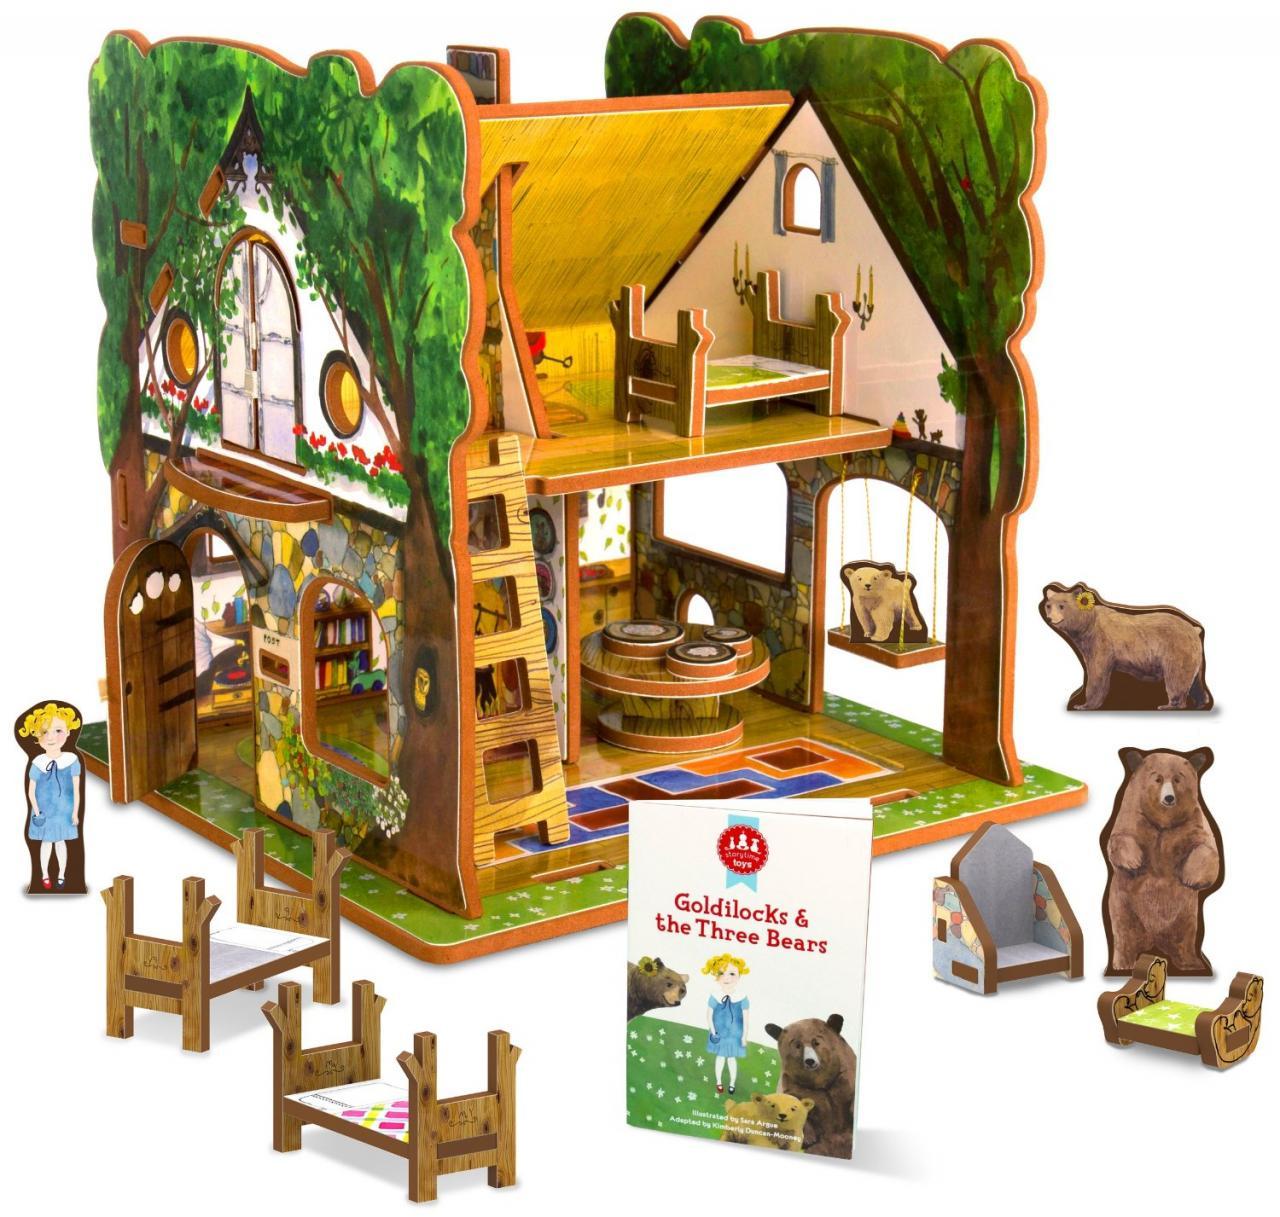 Amazon Toys 10 คีย์สินค้า ปี 2016 ข้อมูลที่จัดมาให้เฉพาะกับนักขาย Amazon